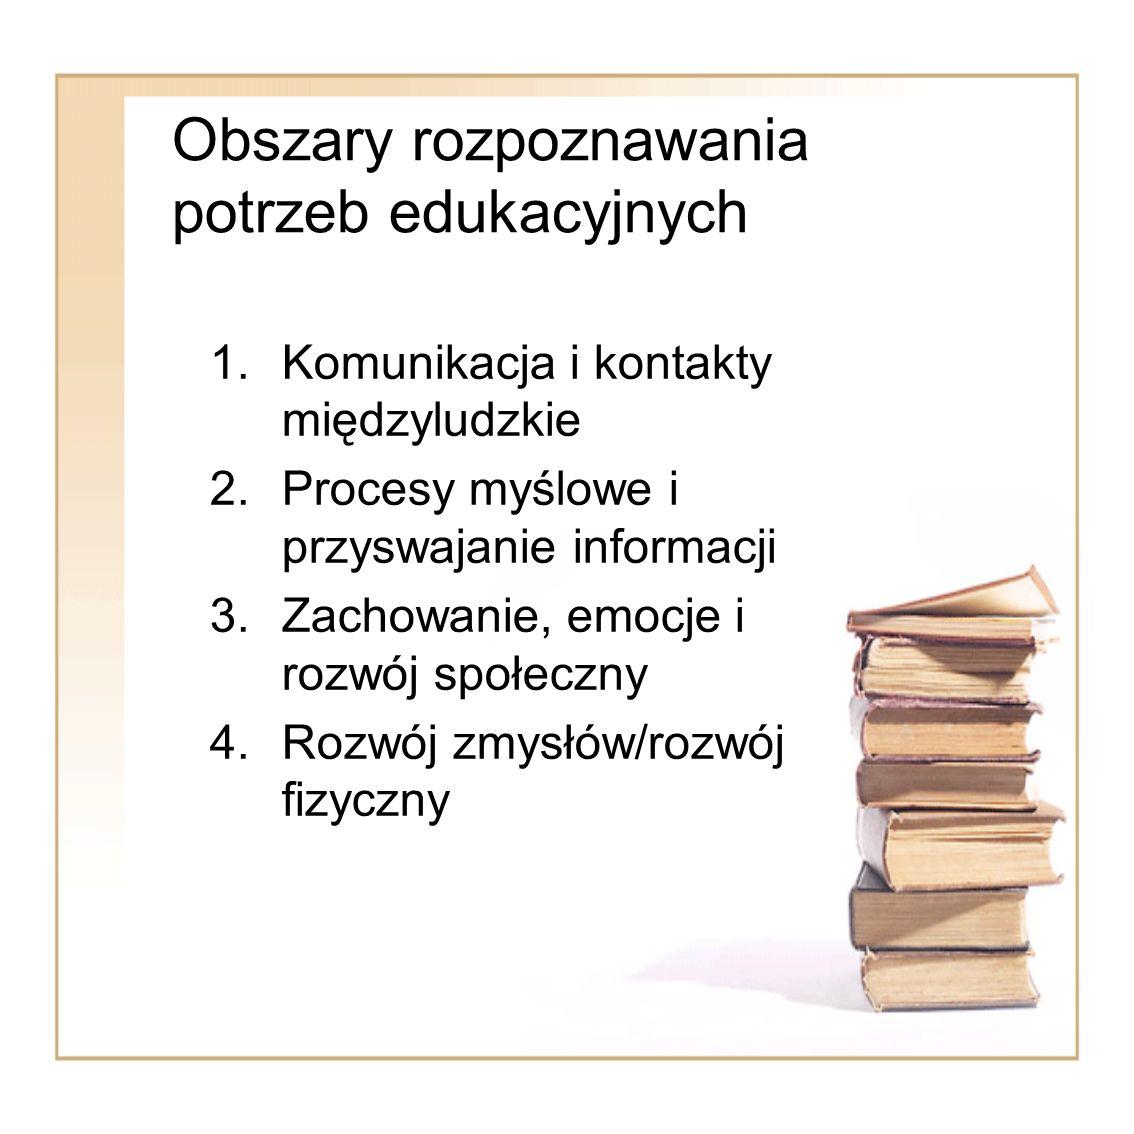 Obszary rozpoznawania potrzeb edukacyjnych